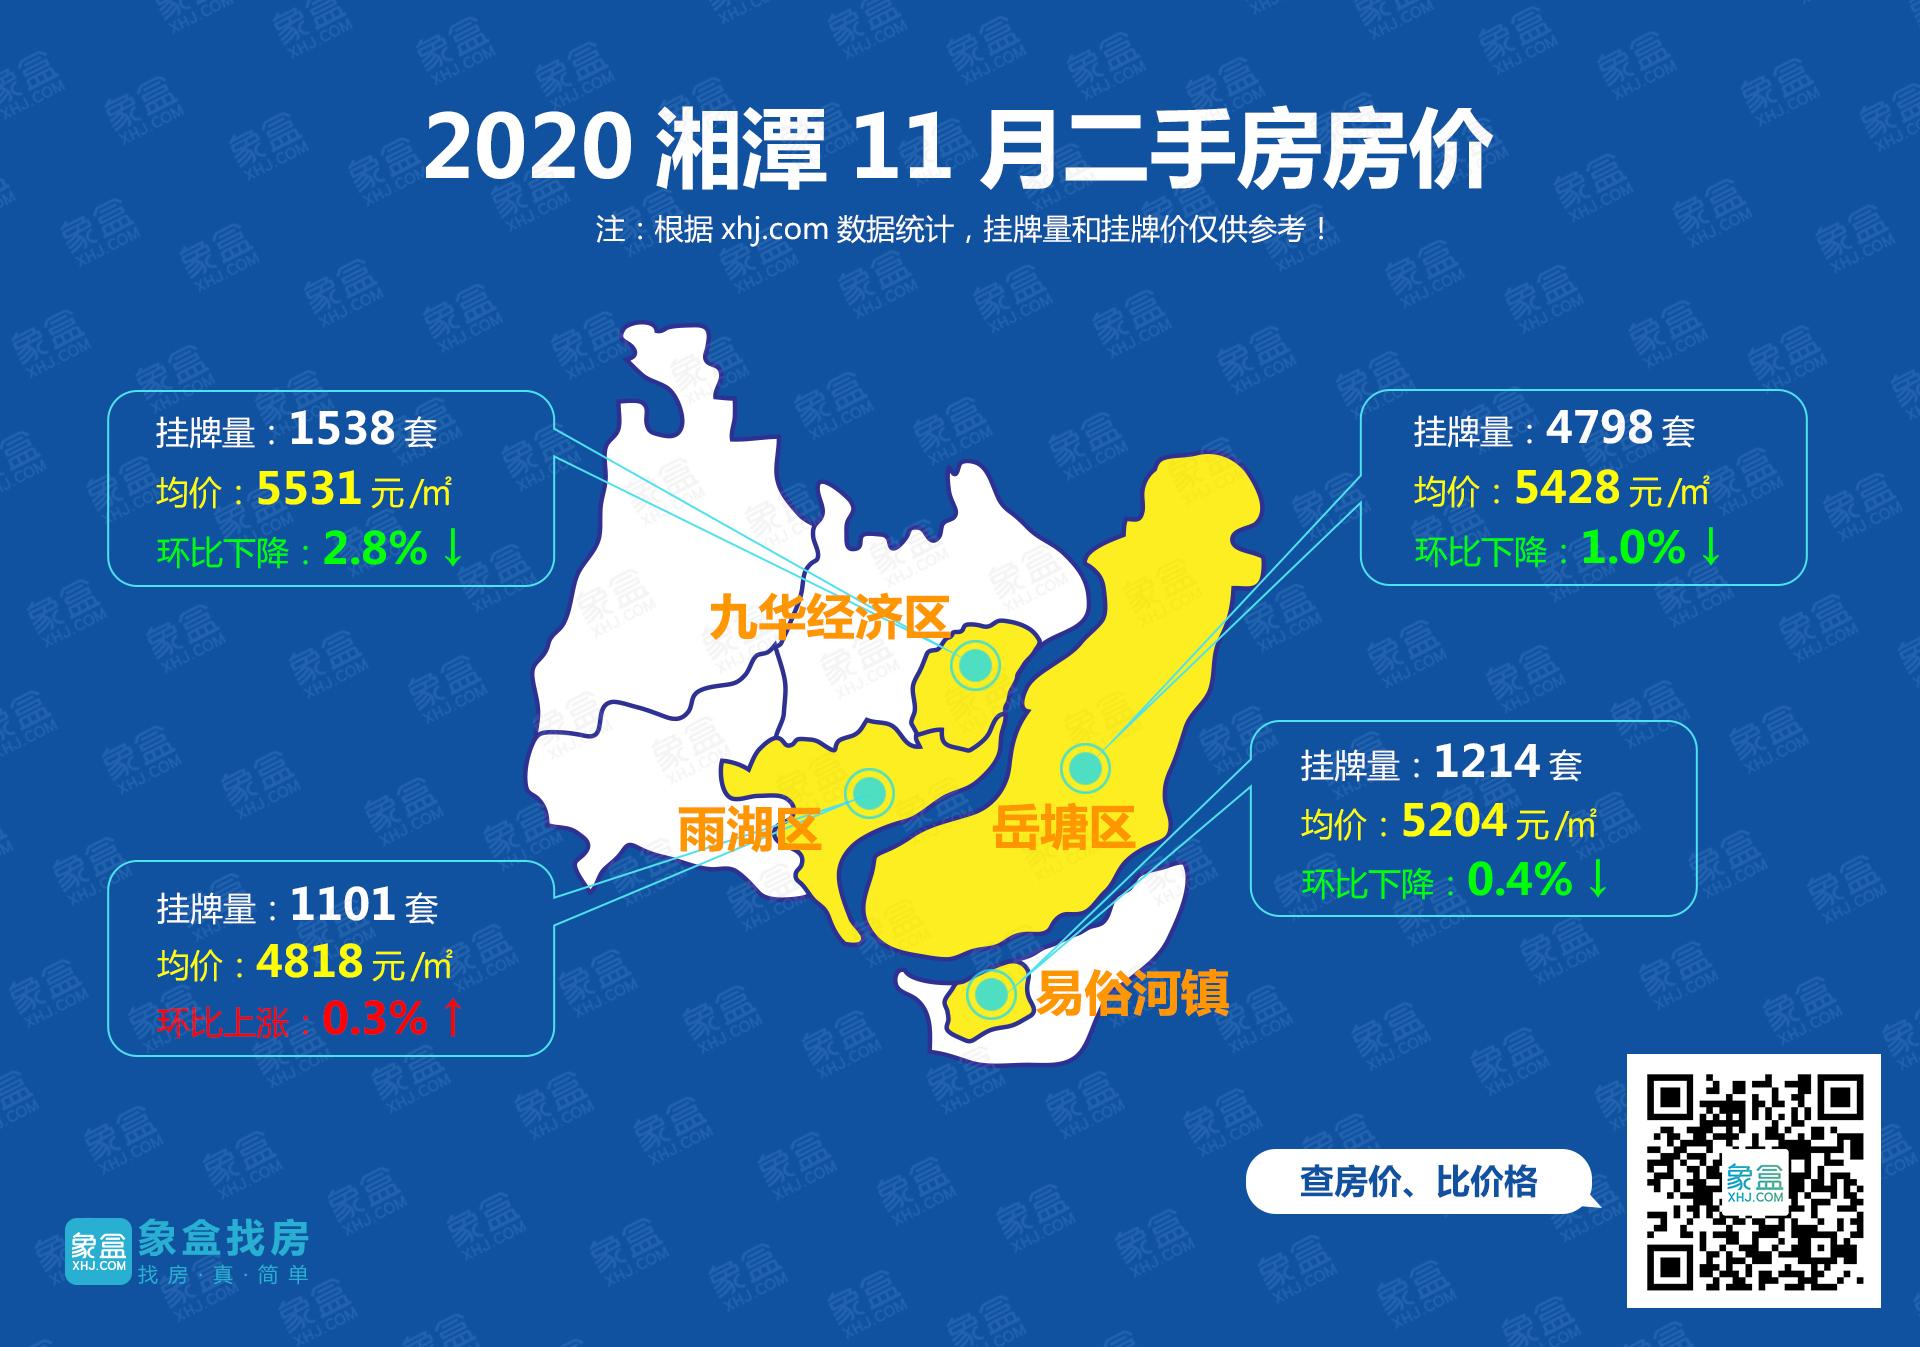 十一冬月,湘潭二手房市场雨湖区突出众跌重围成为黑马